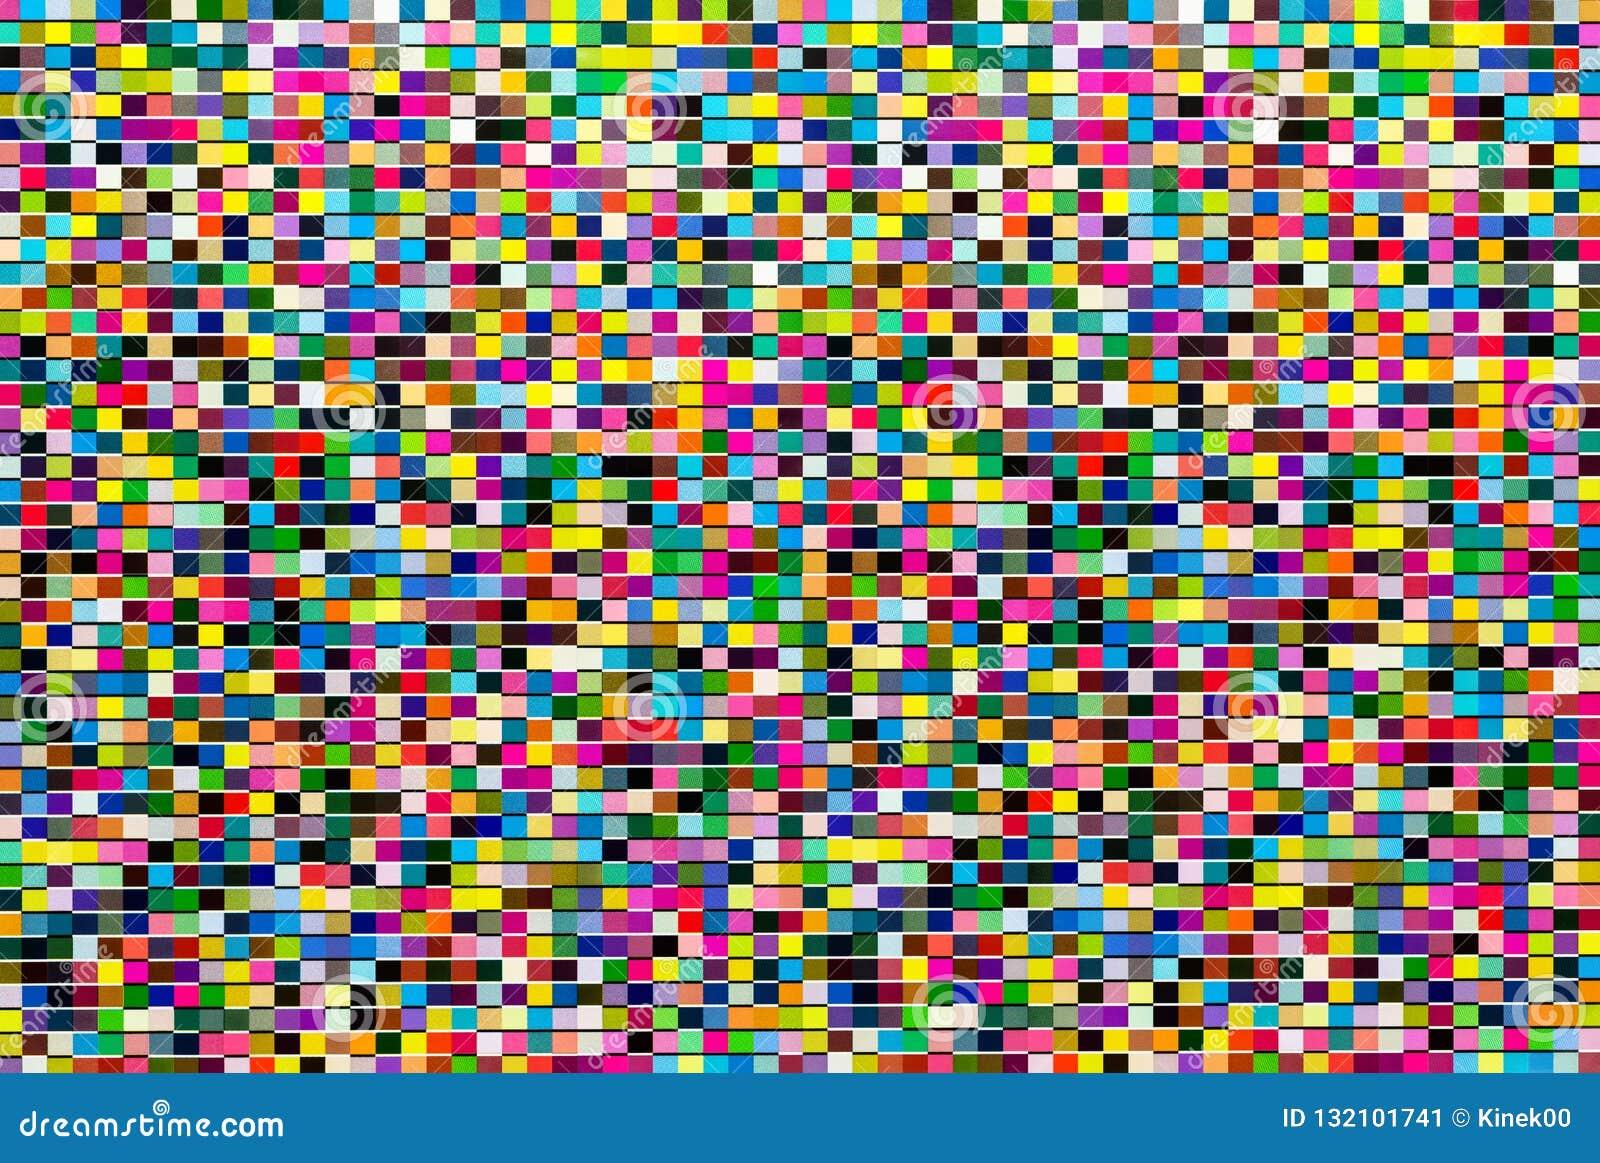 Αφηρημένο, ζωηρόχρωμο σχέδιο υποβάθρου Ζωηρά και φωτεινά χρώματα